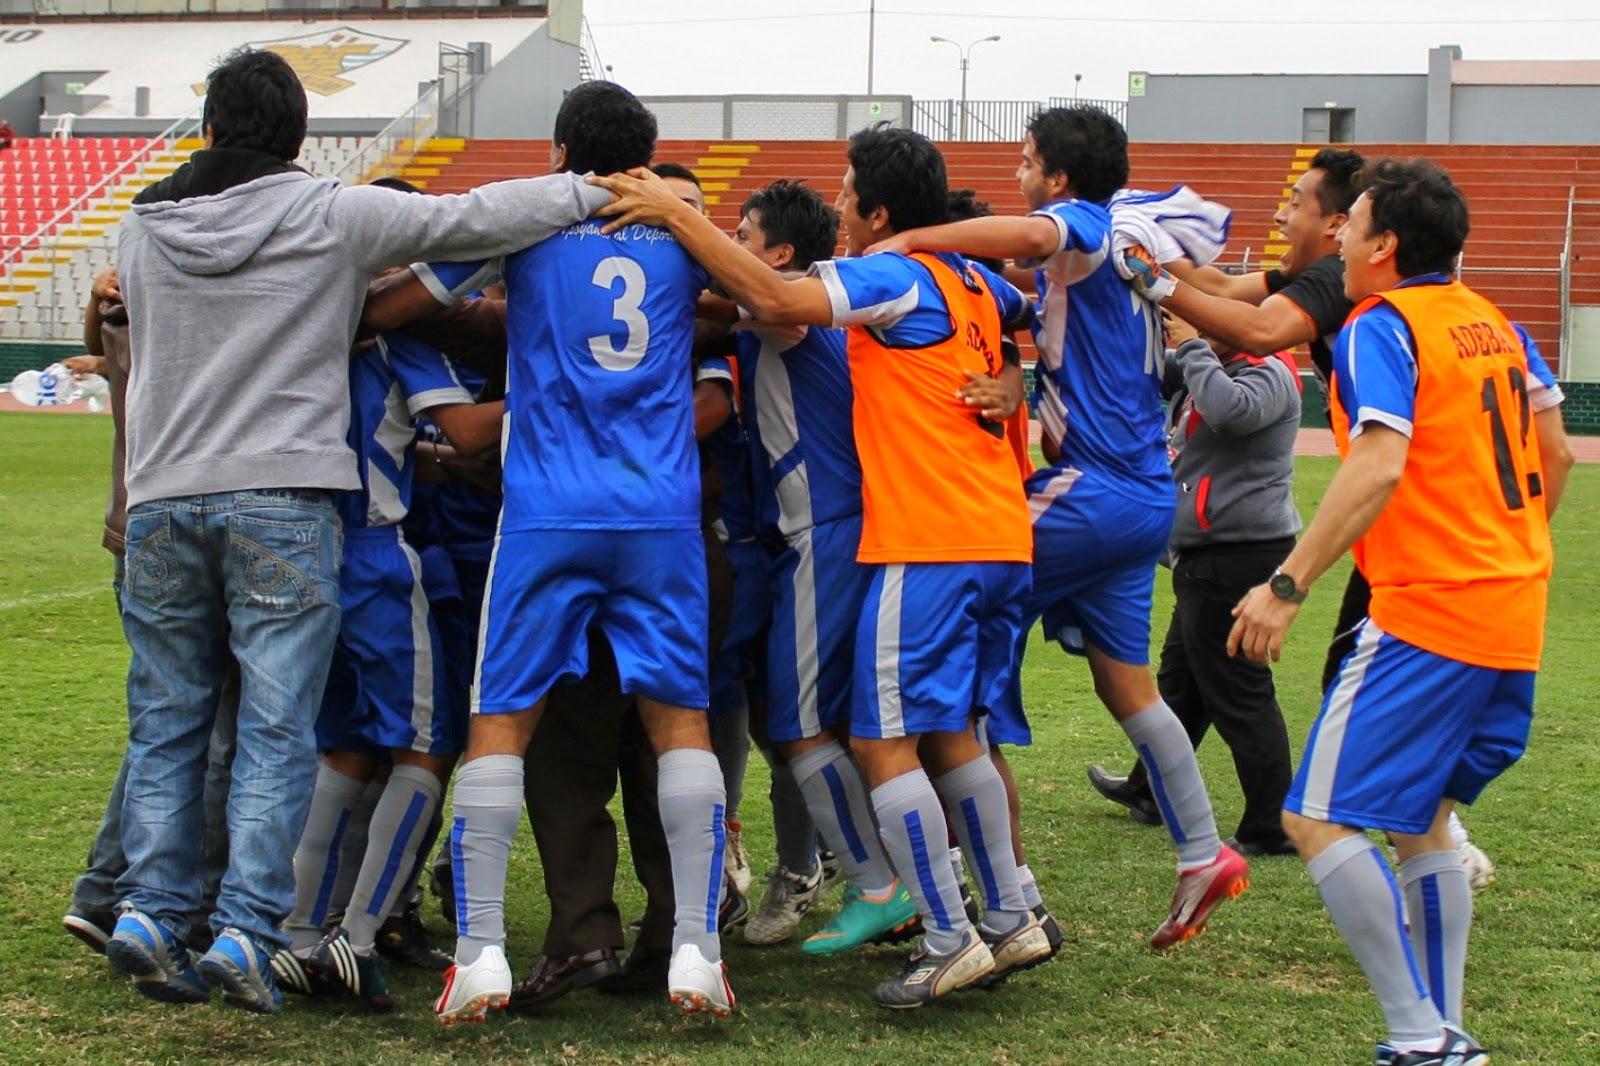 http://tribunal-deportivo.blogspot.com/2014/10/conoce-un-poco-mas-de-adebami-el.html